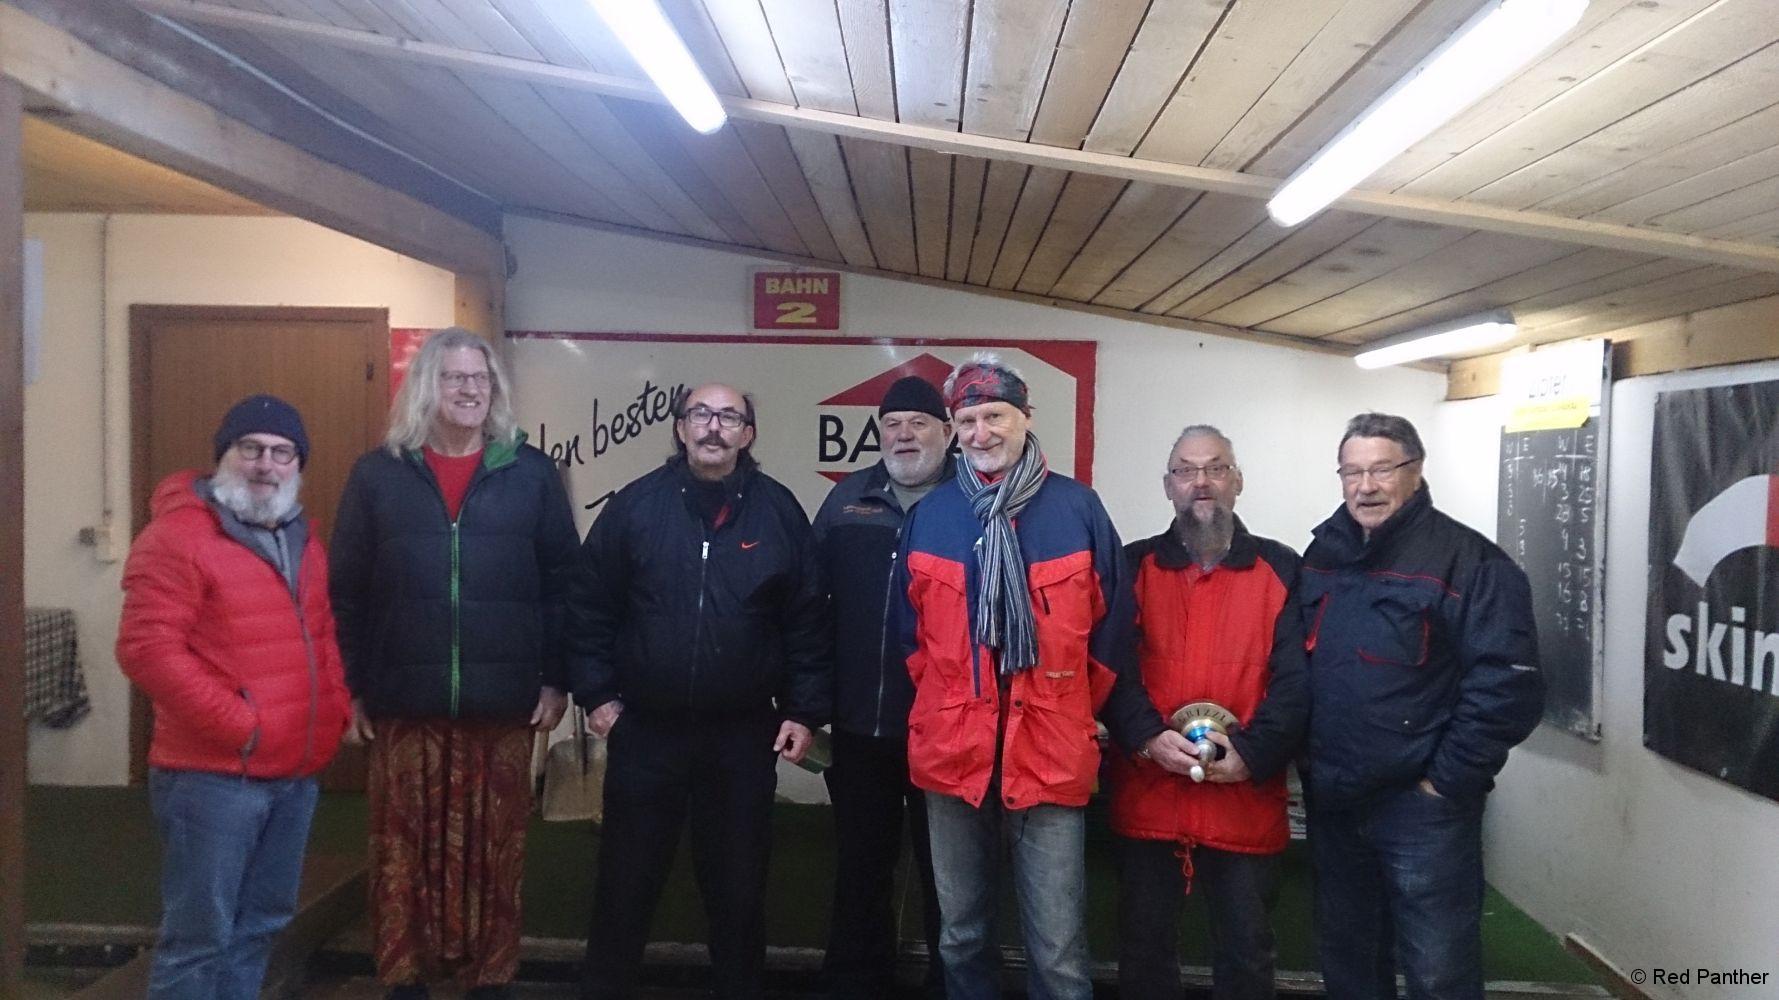 Red-Panther-Eisstockschießen-Jänner-2015-018.jpg